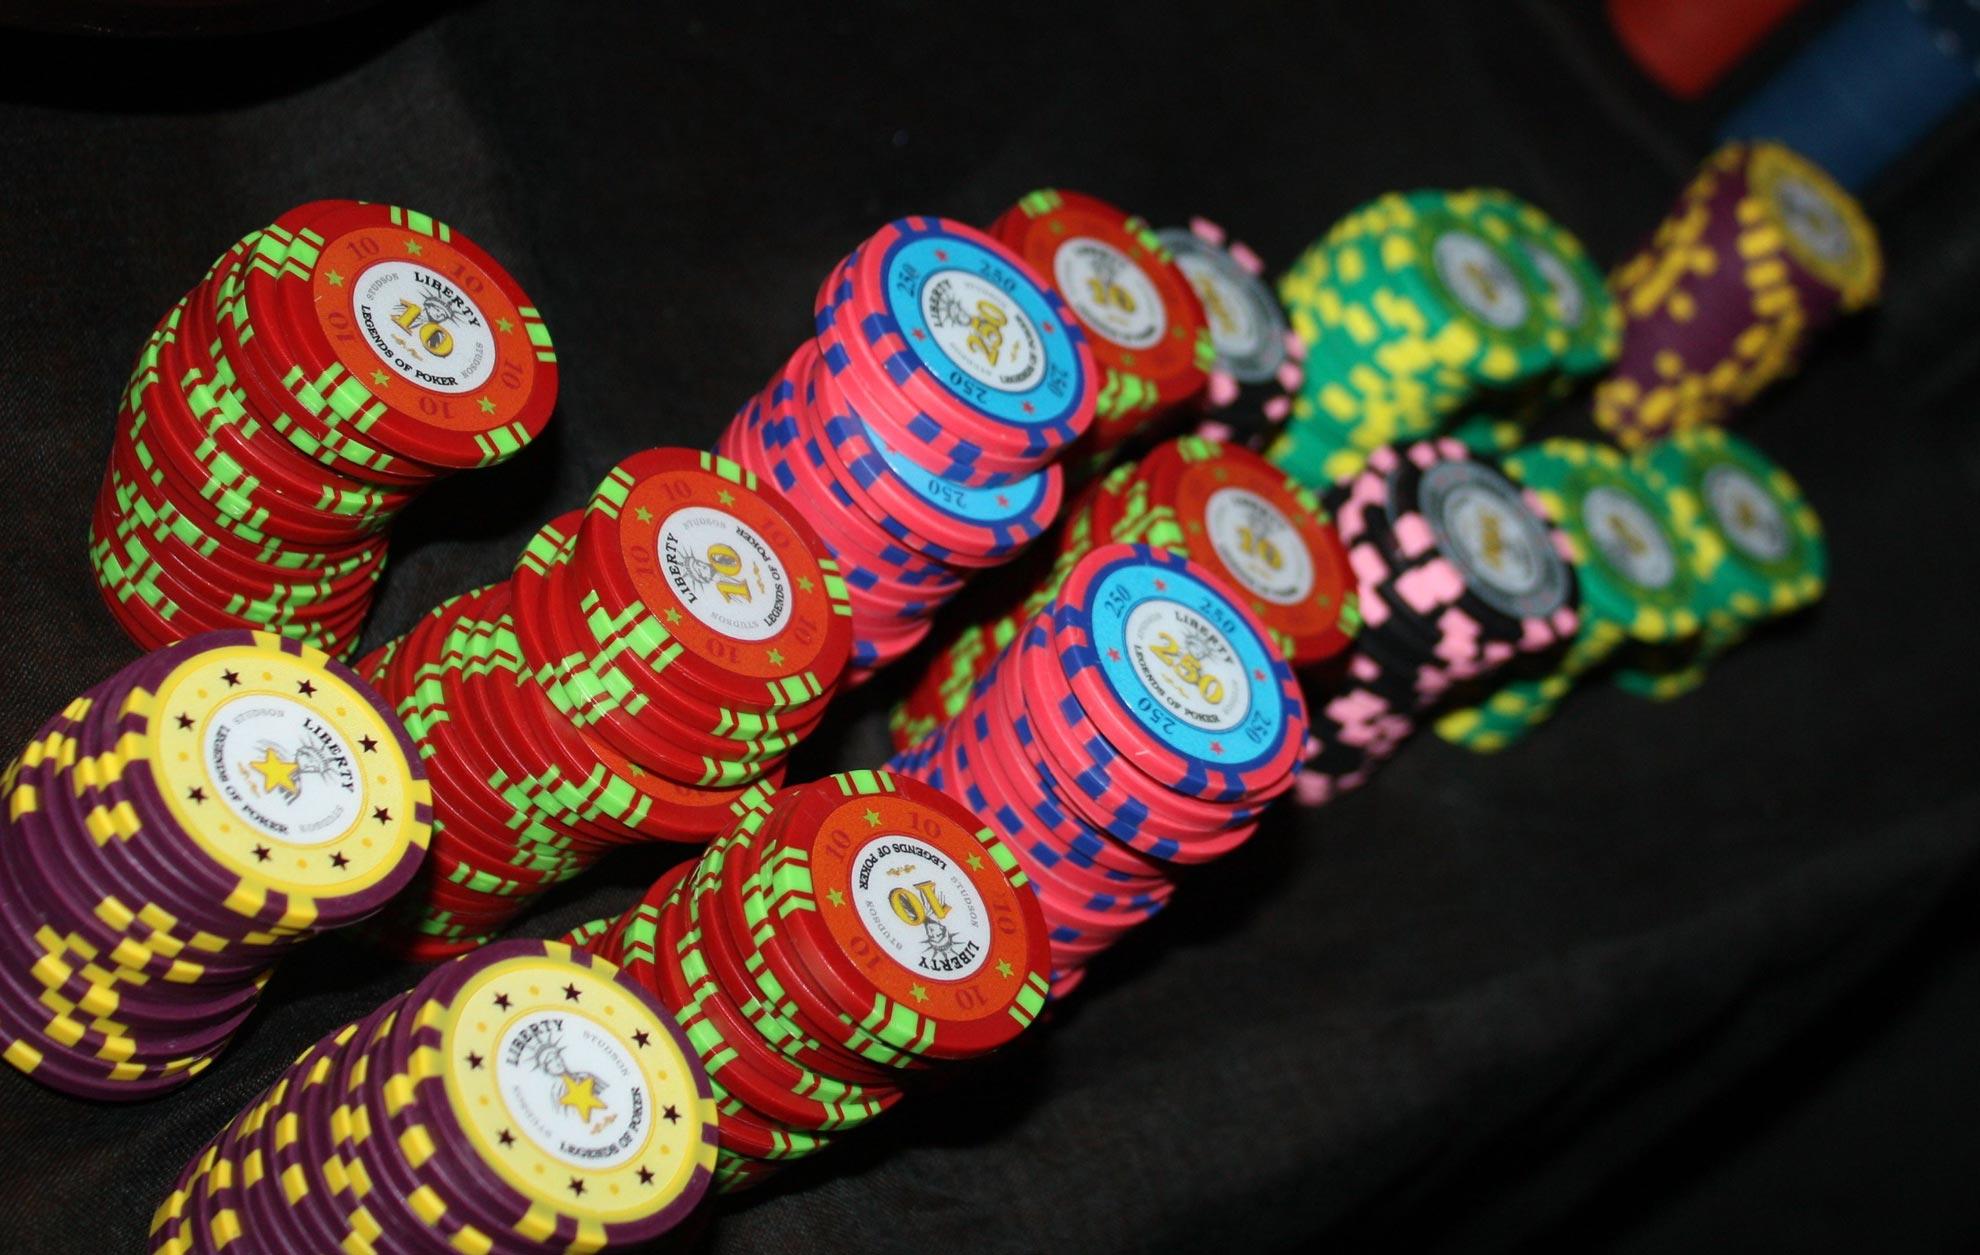 Jeux casino : mes astuces pour gagner au blackjack